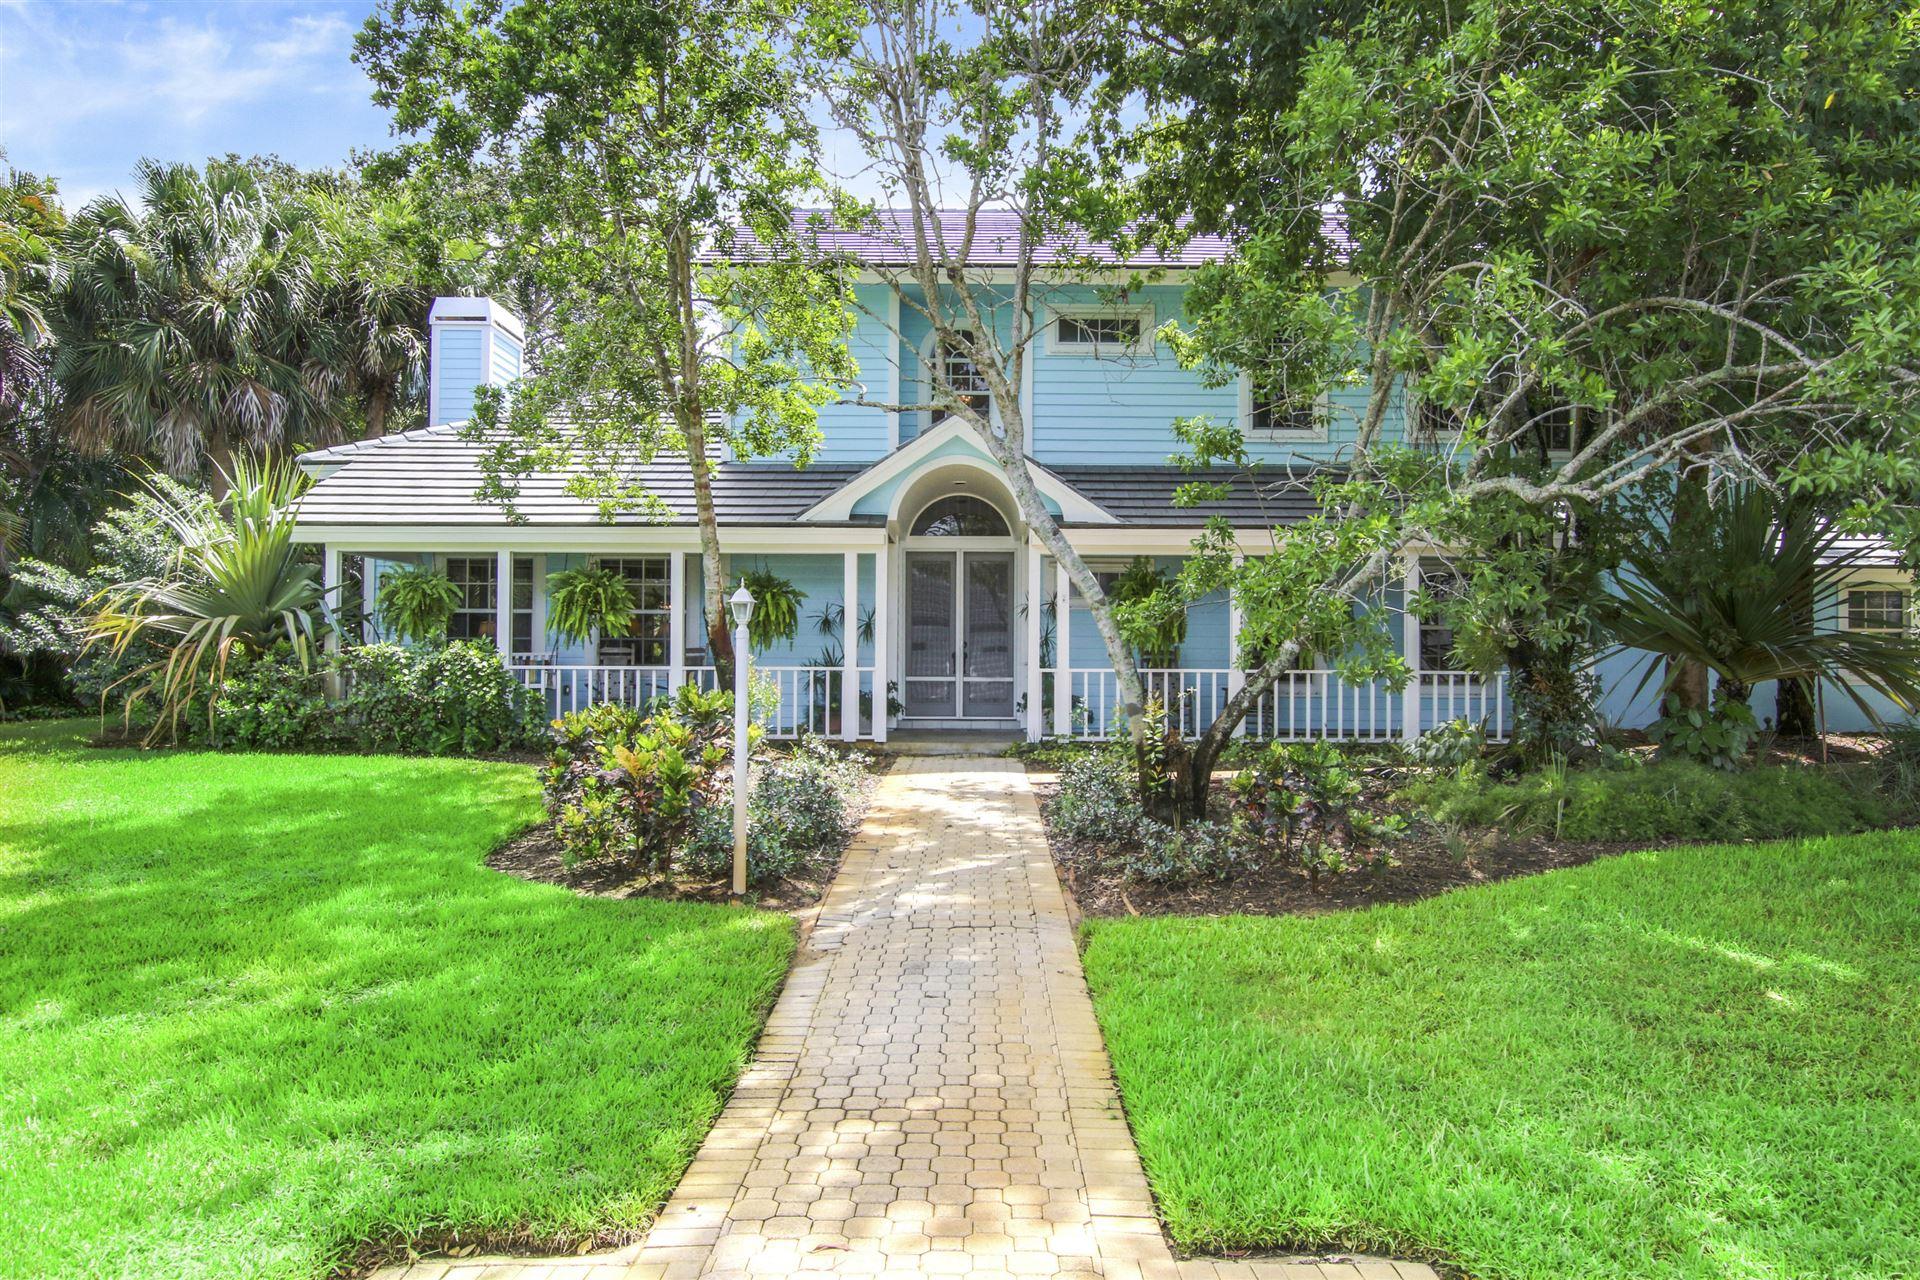 18410 SE Lakeside Drive, Tequesta, FL 33469 - #: RX-10649189